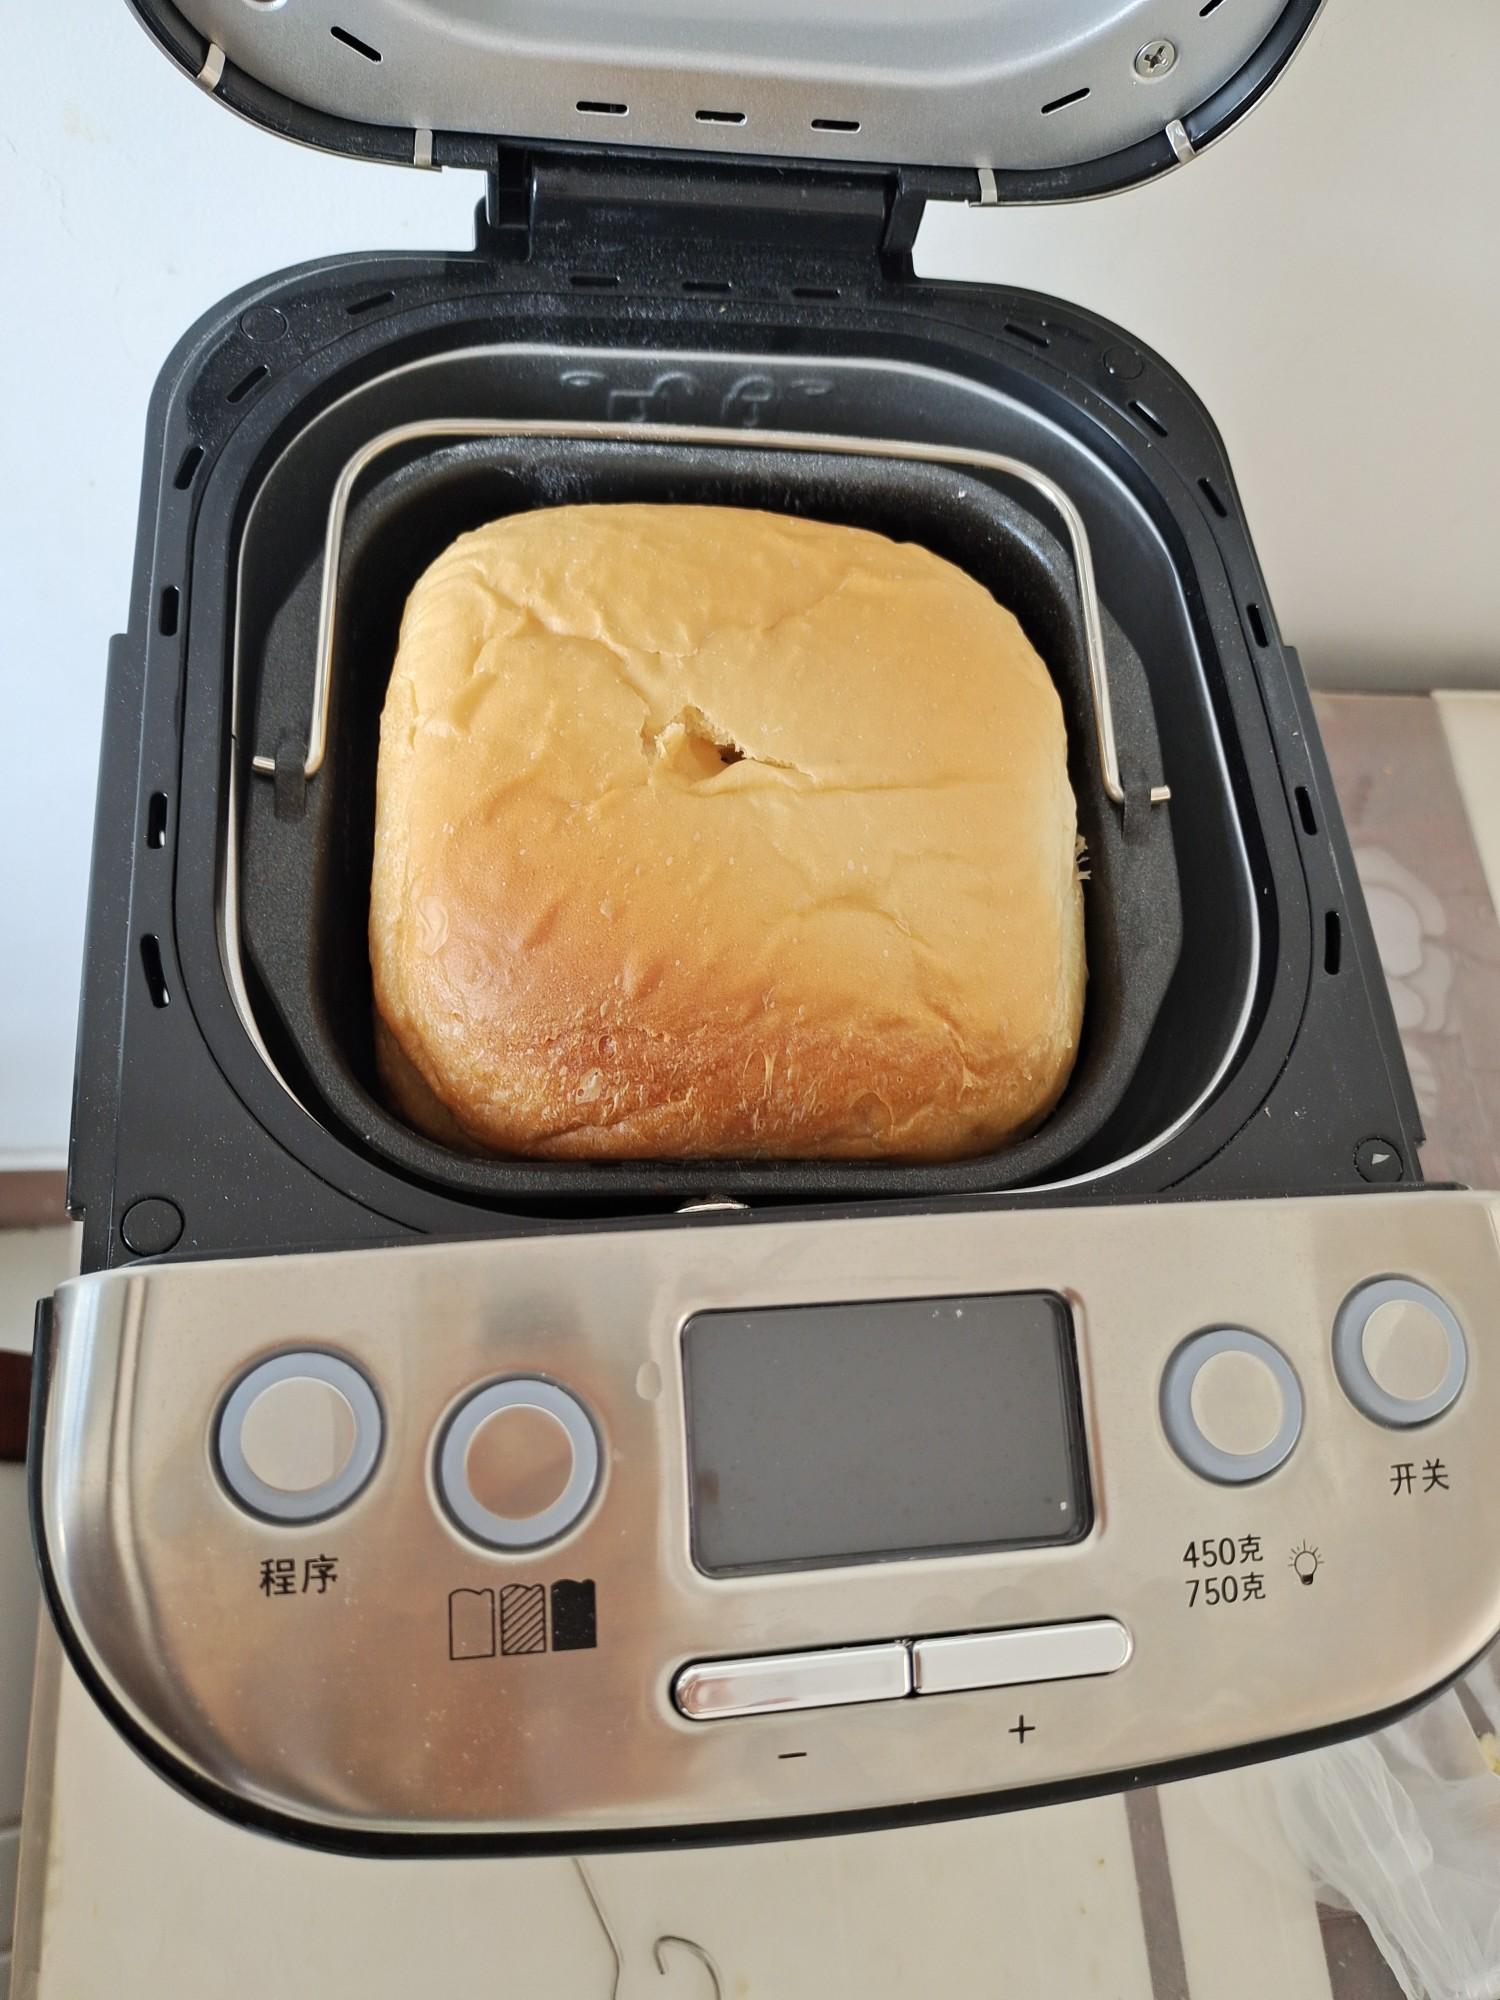 德国wmf智能家用小型全自动面包机评测